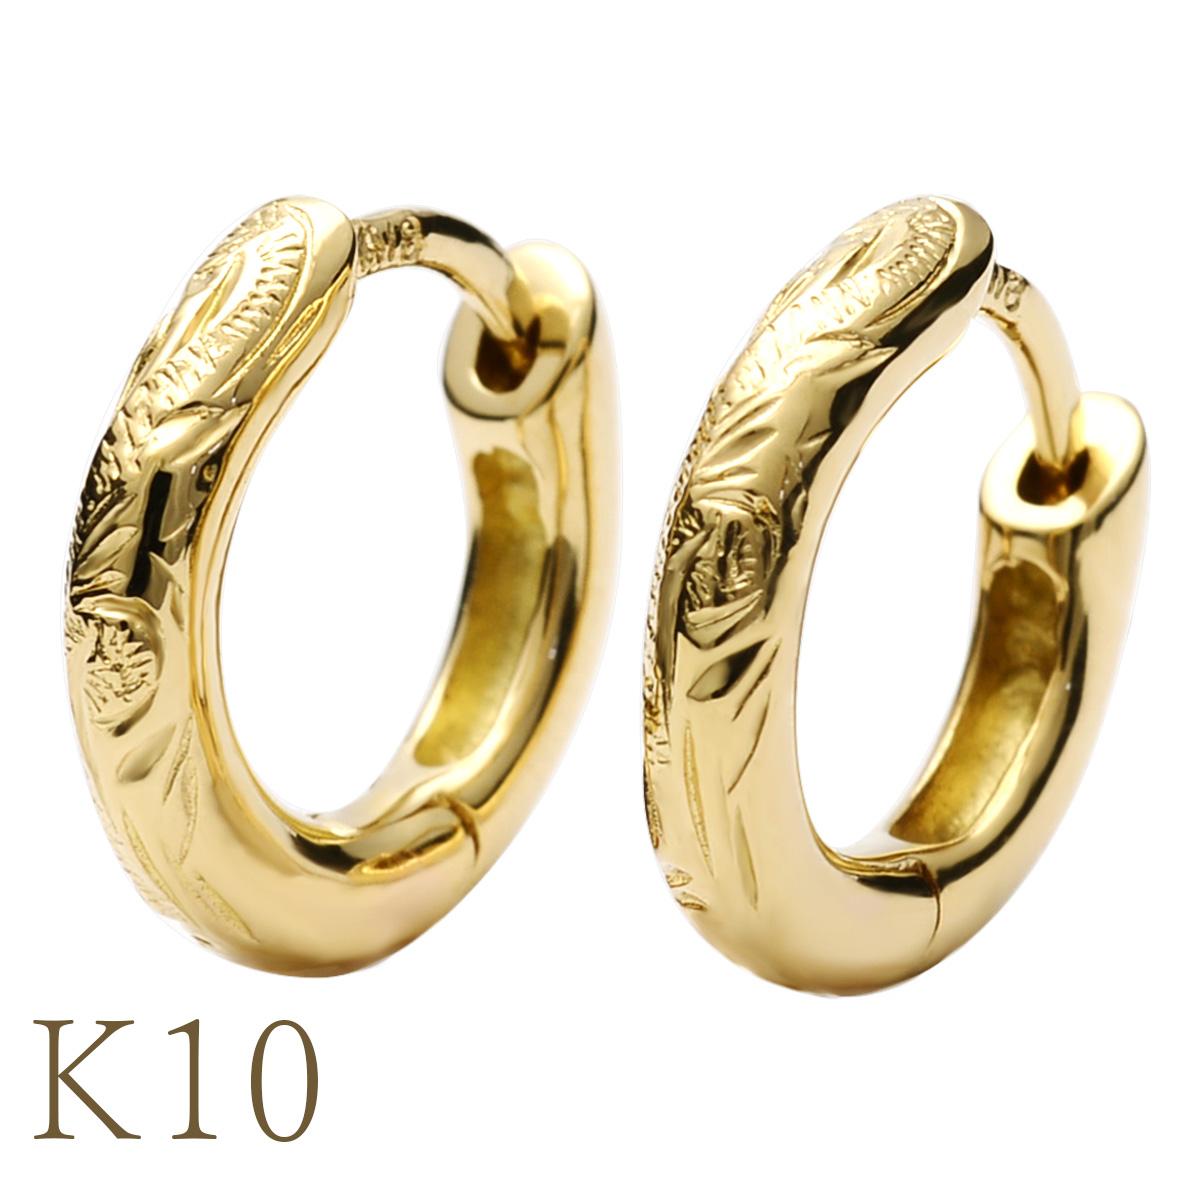 ハワイアンジュエリー ピアス 10金 ピアス ピアス 10金 ピアス ピアス リッチスクロールミニ・フープピアス ゴールドピアス (K10ゴールド 10金 イエロー ピンク) aer54101